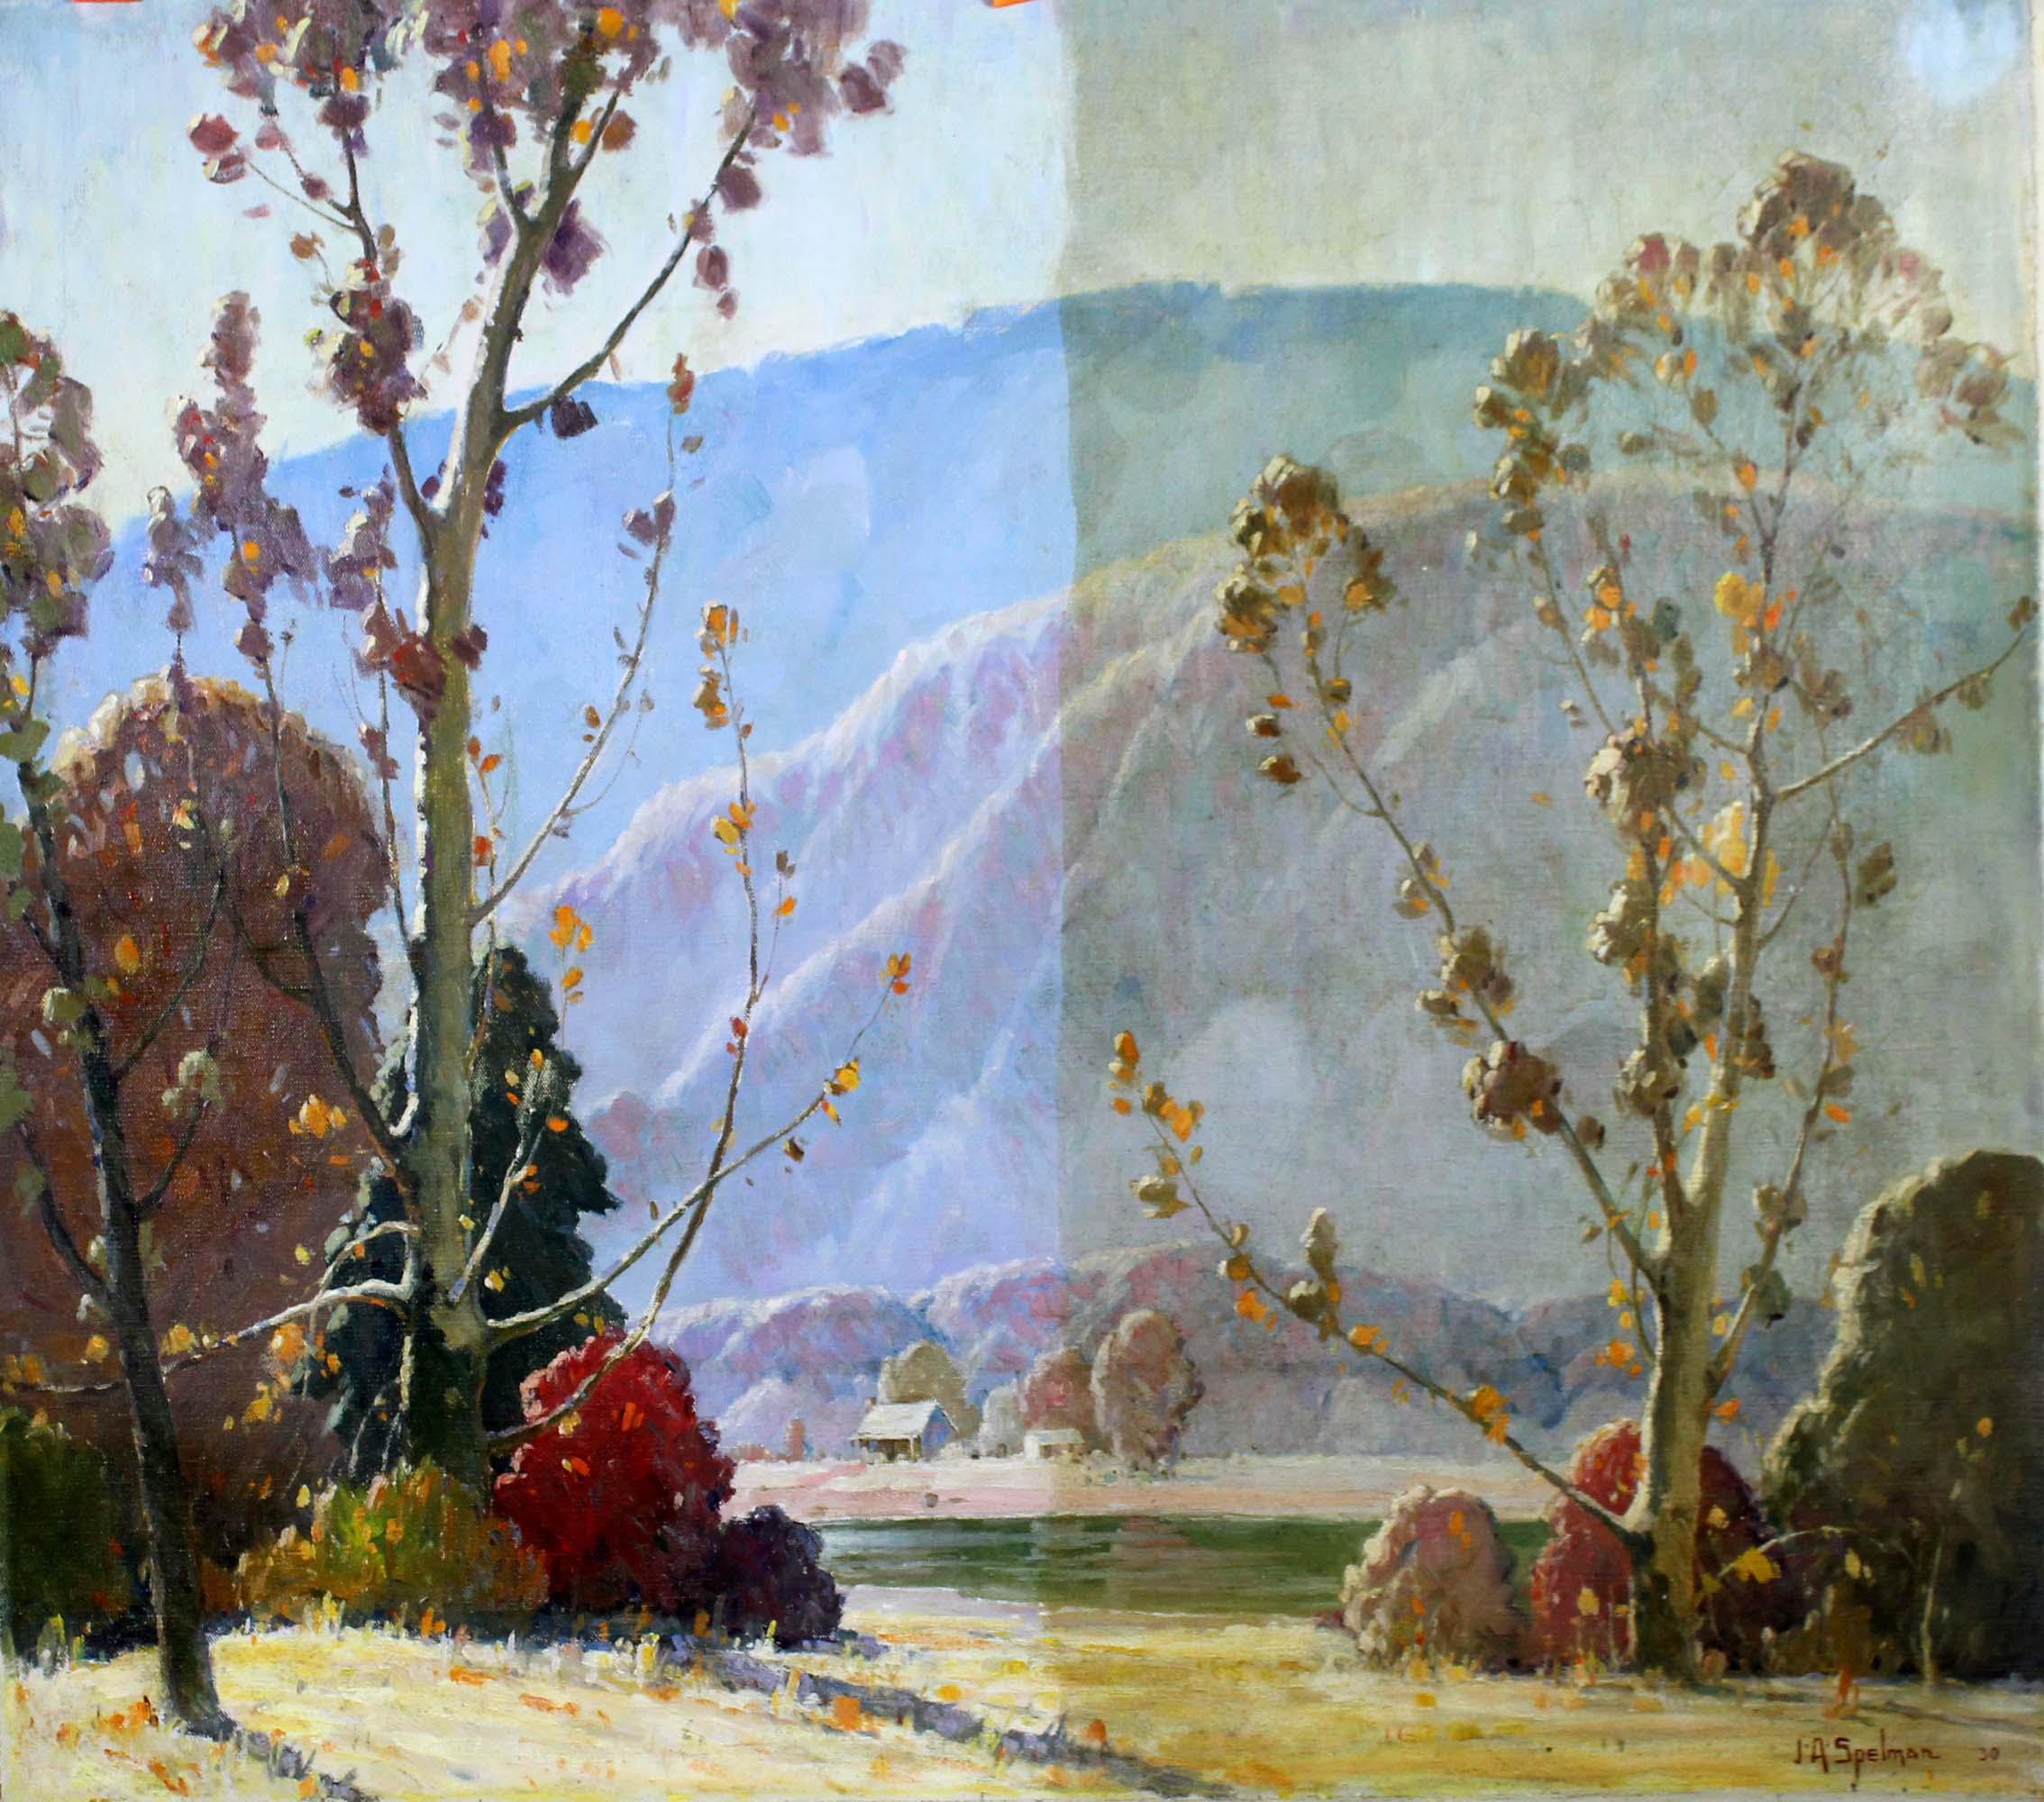 John A. Spelman, 1930